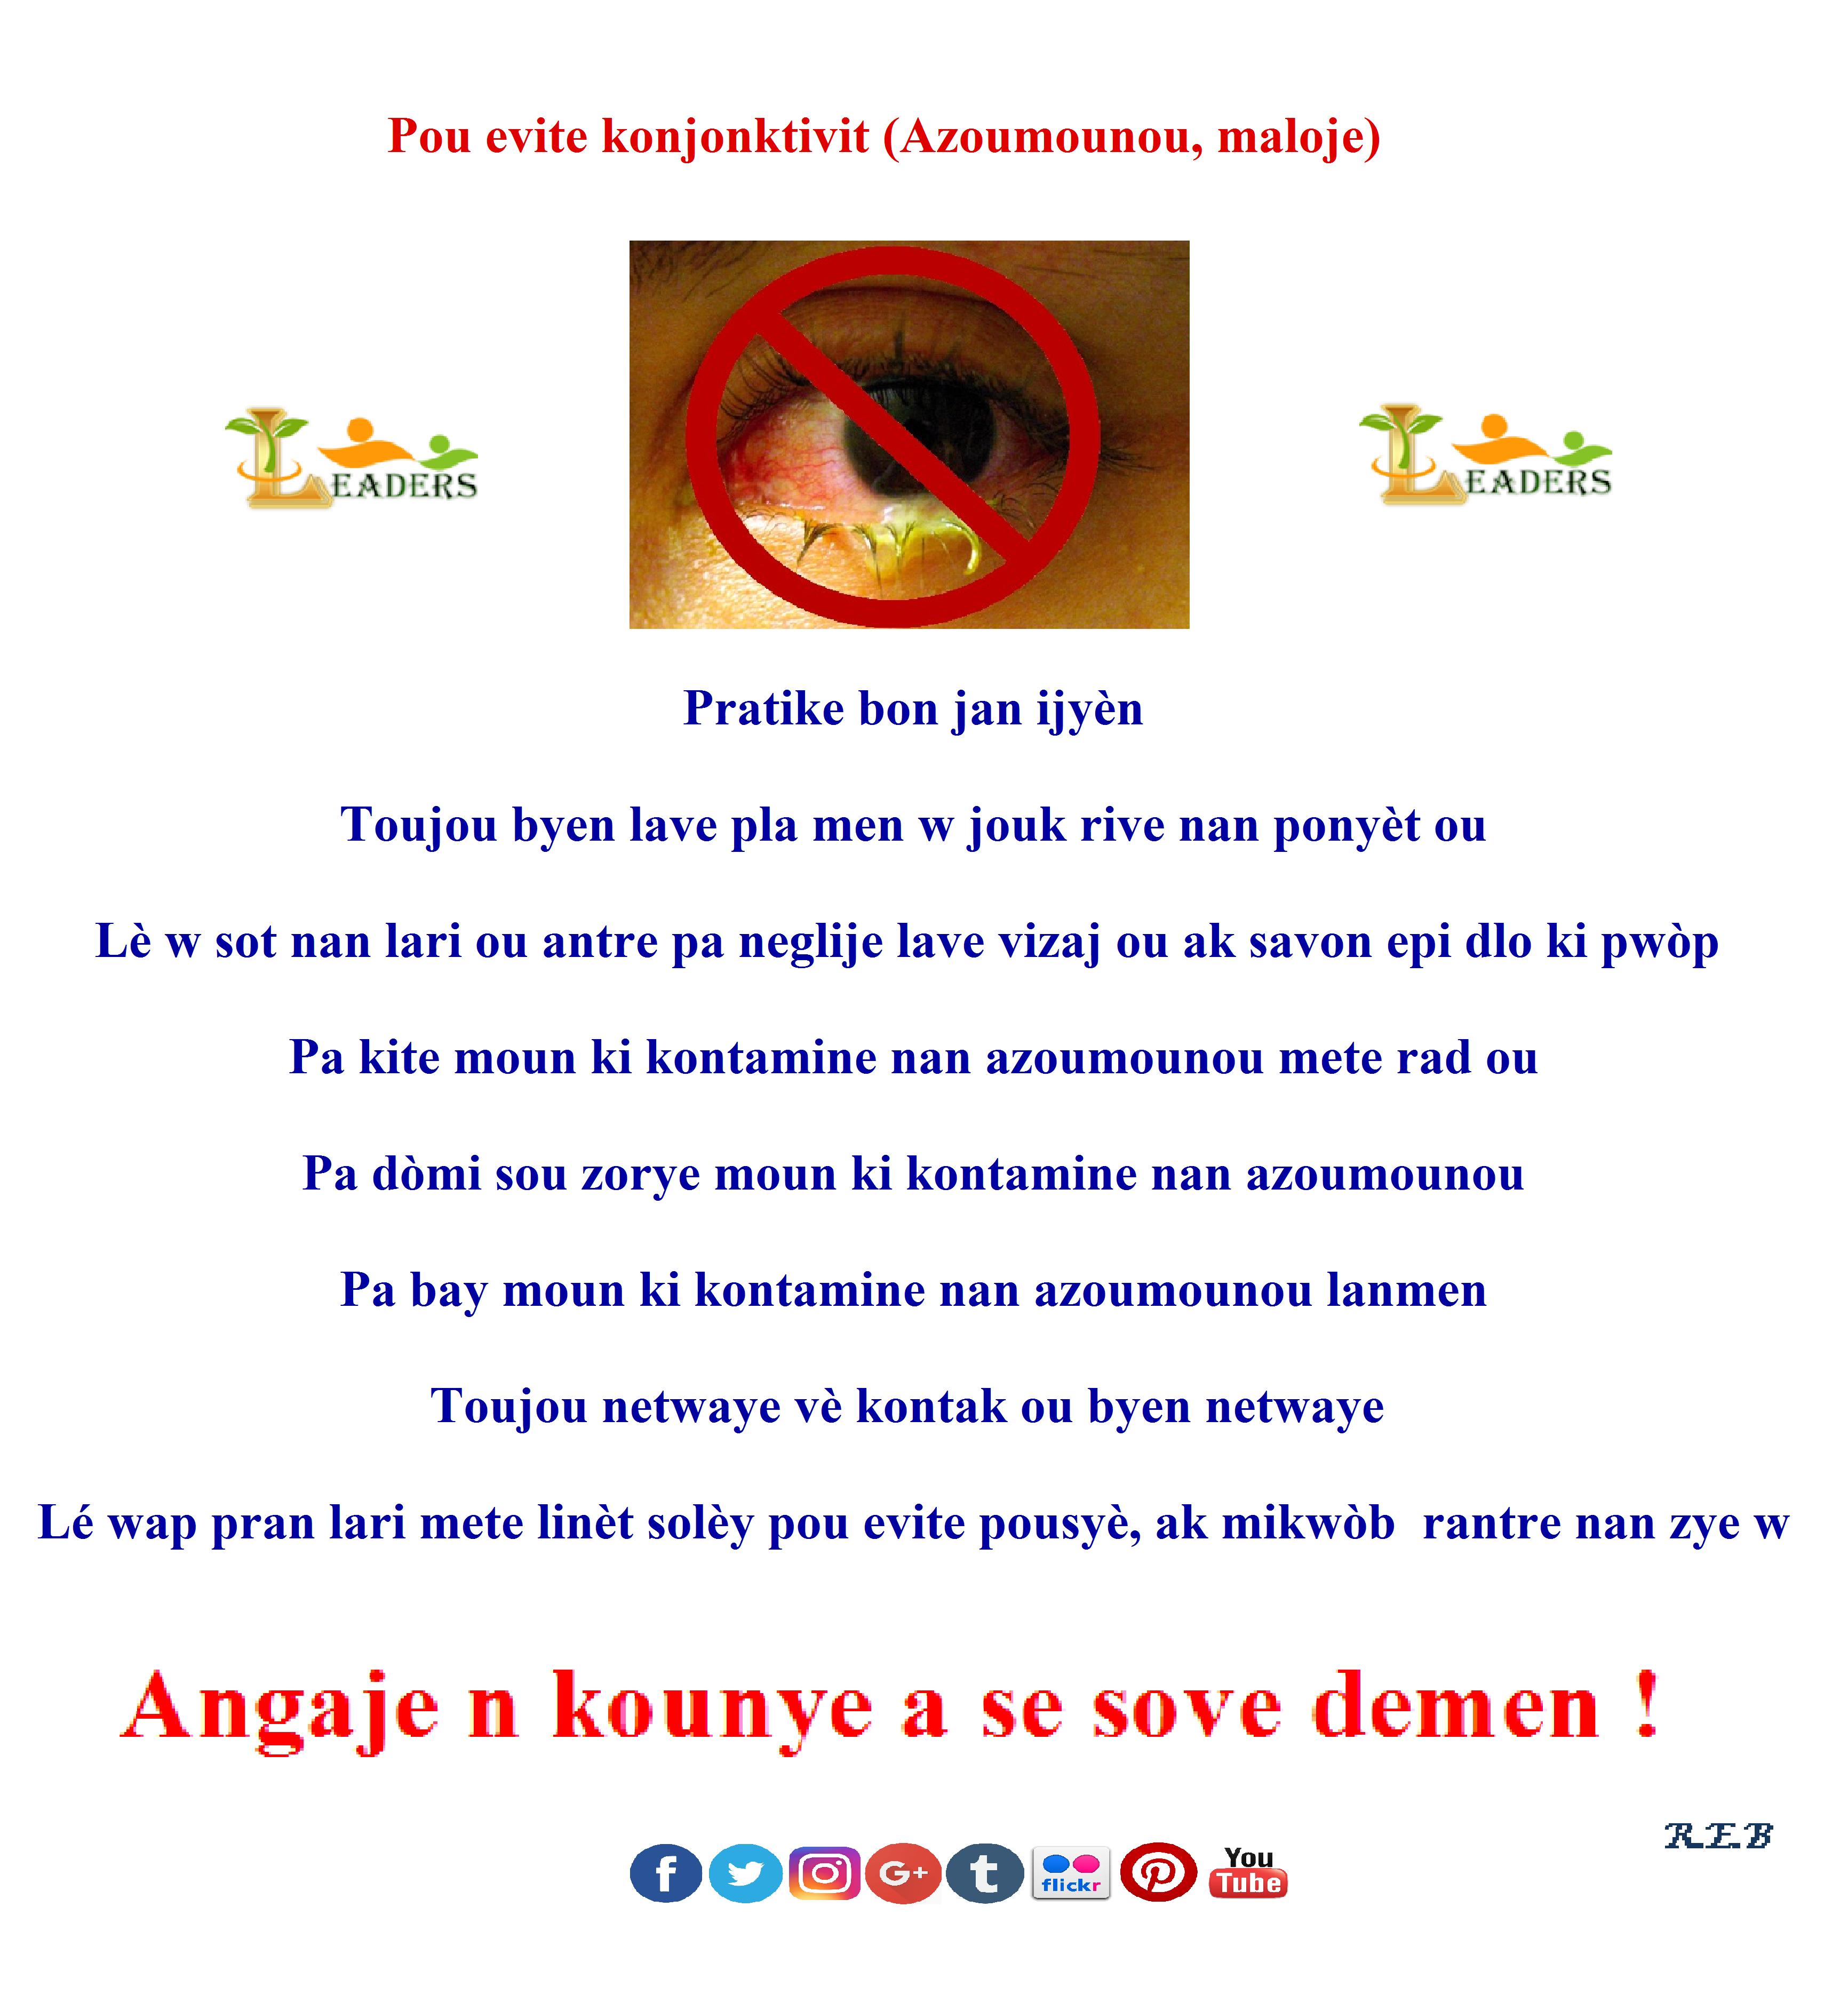 #mètkòkiveyekò #pratikbonlijyènseprevansyonkontmaladi #annkwapeazoumounou #Angajen_Kounye_a_se_sove_demen